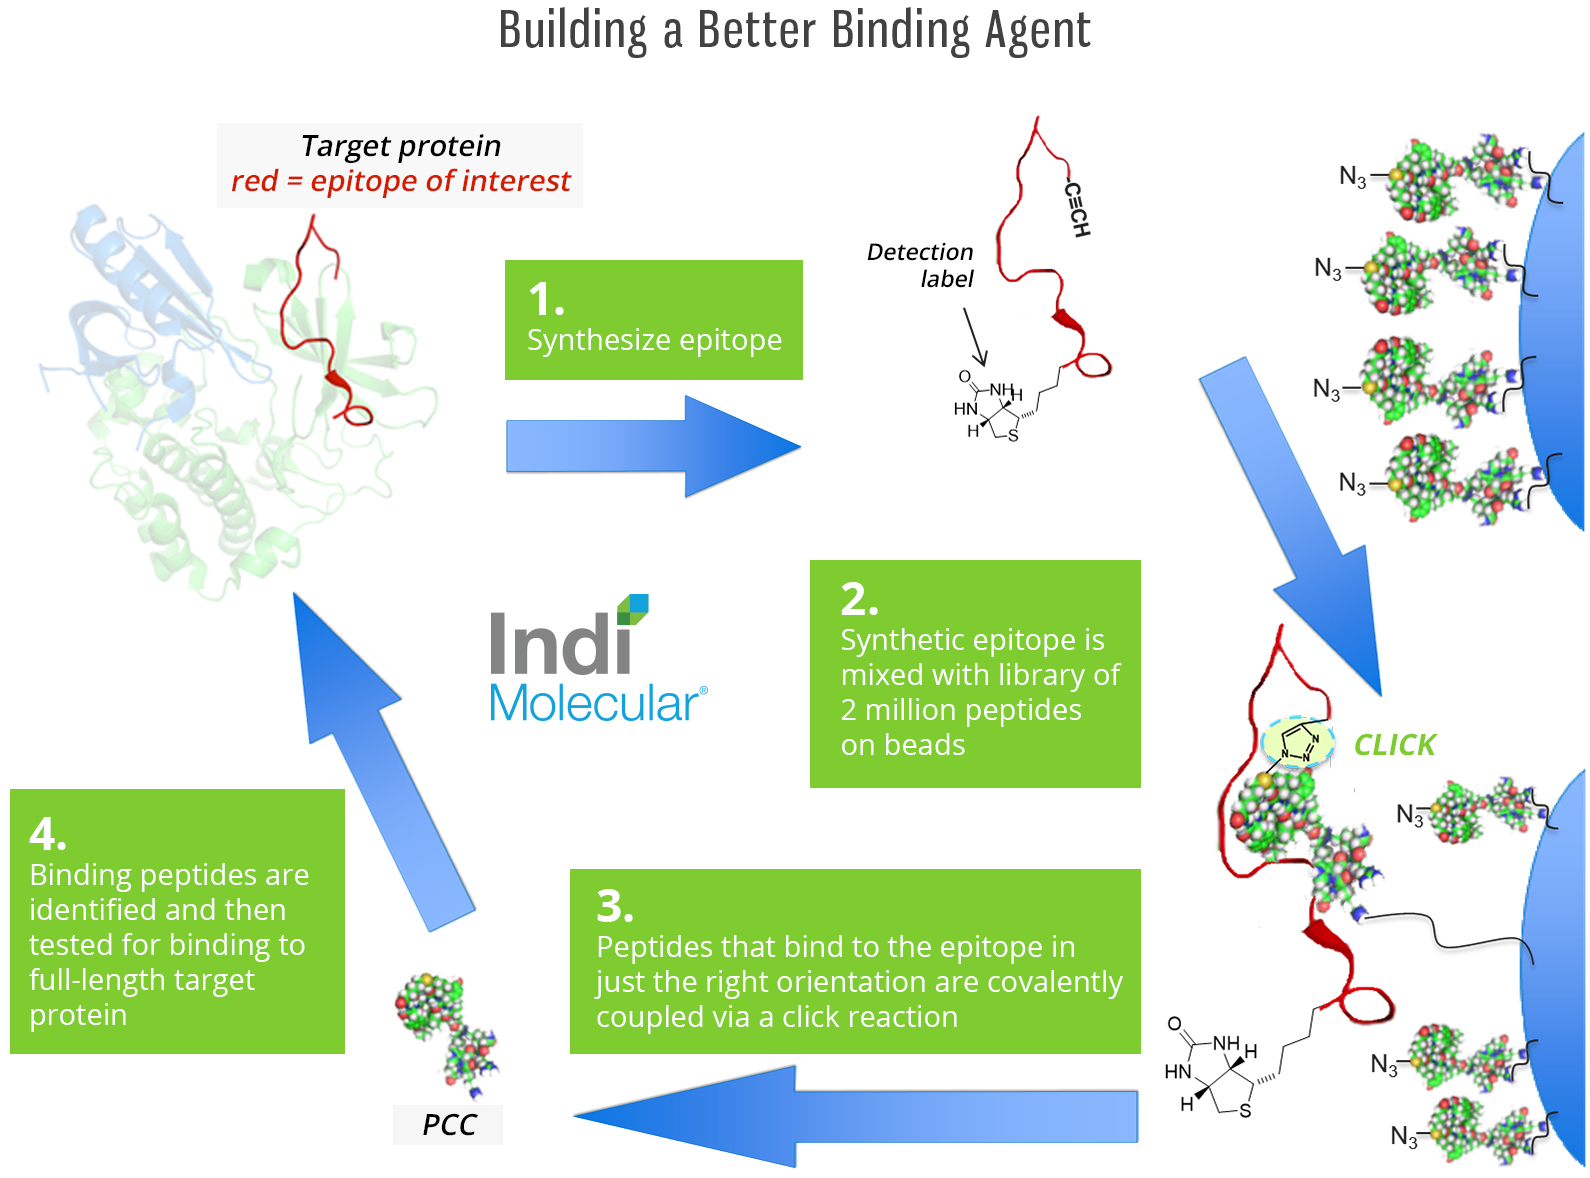 Building a Better Binding Agent.jpg